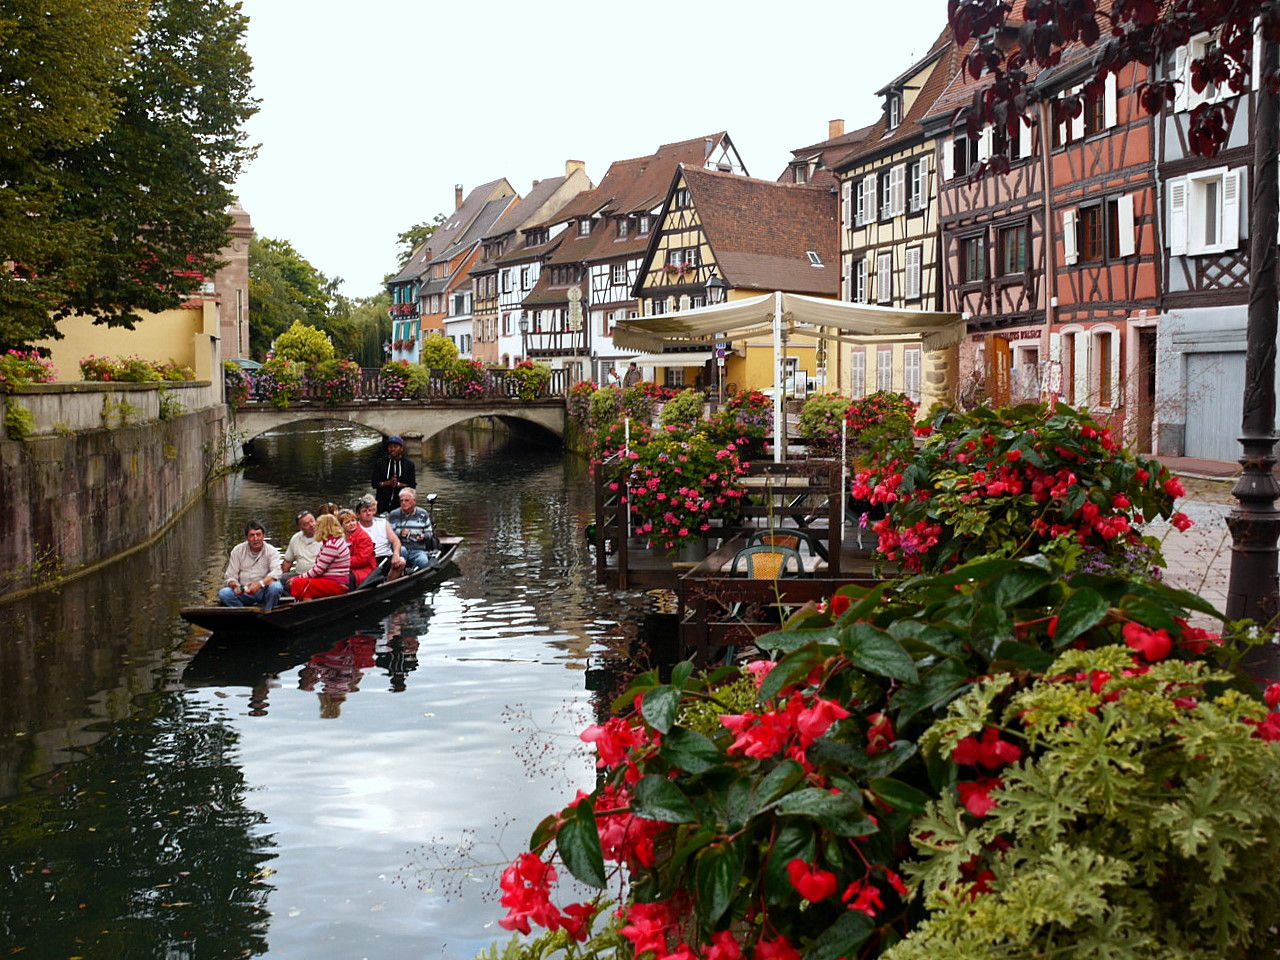 افضل 5 اماكن سياحية تاريخيه فى كولمار فرنسا | السياحة فى كولمار فرنسا